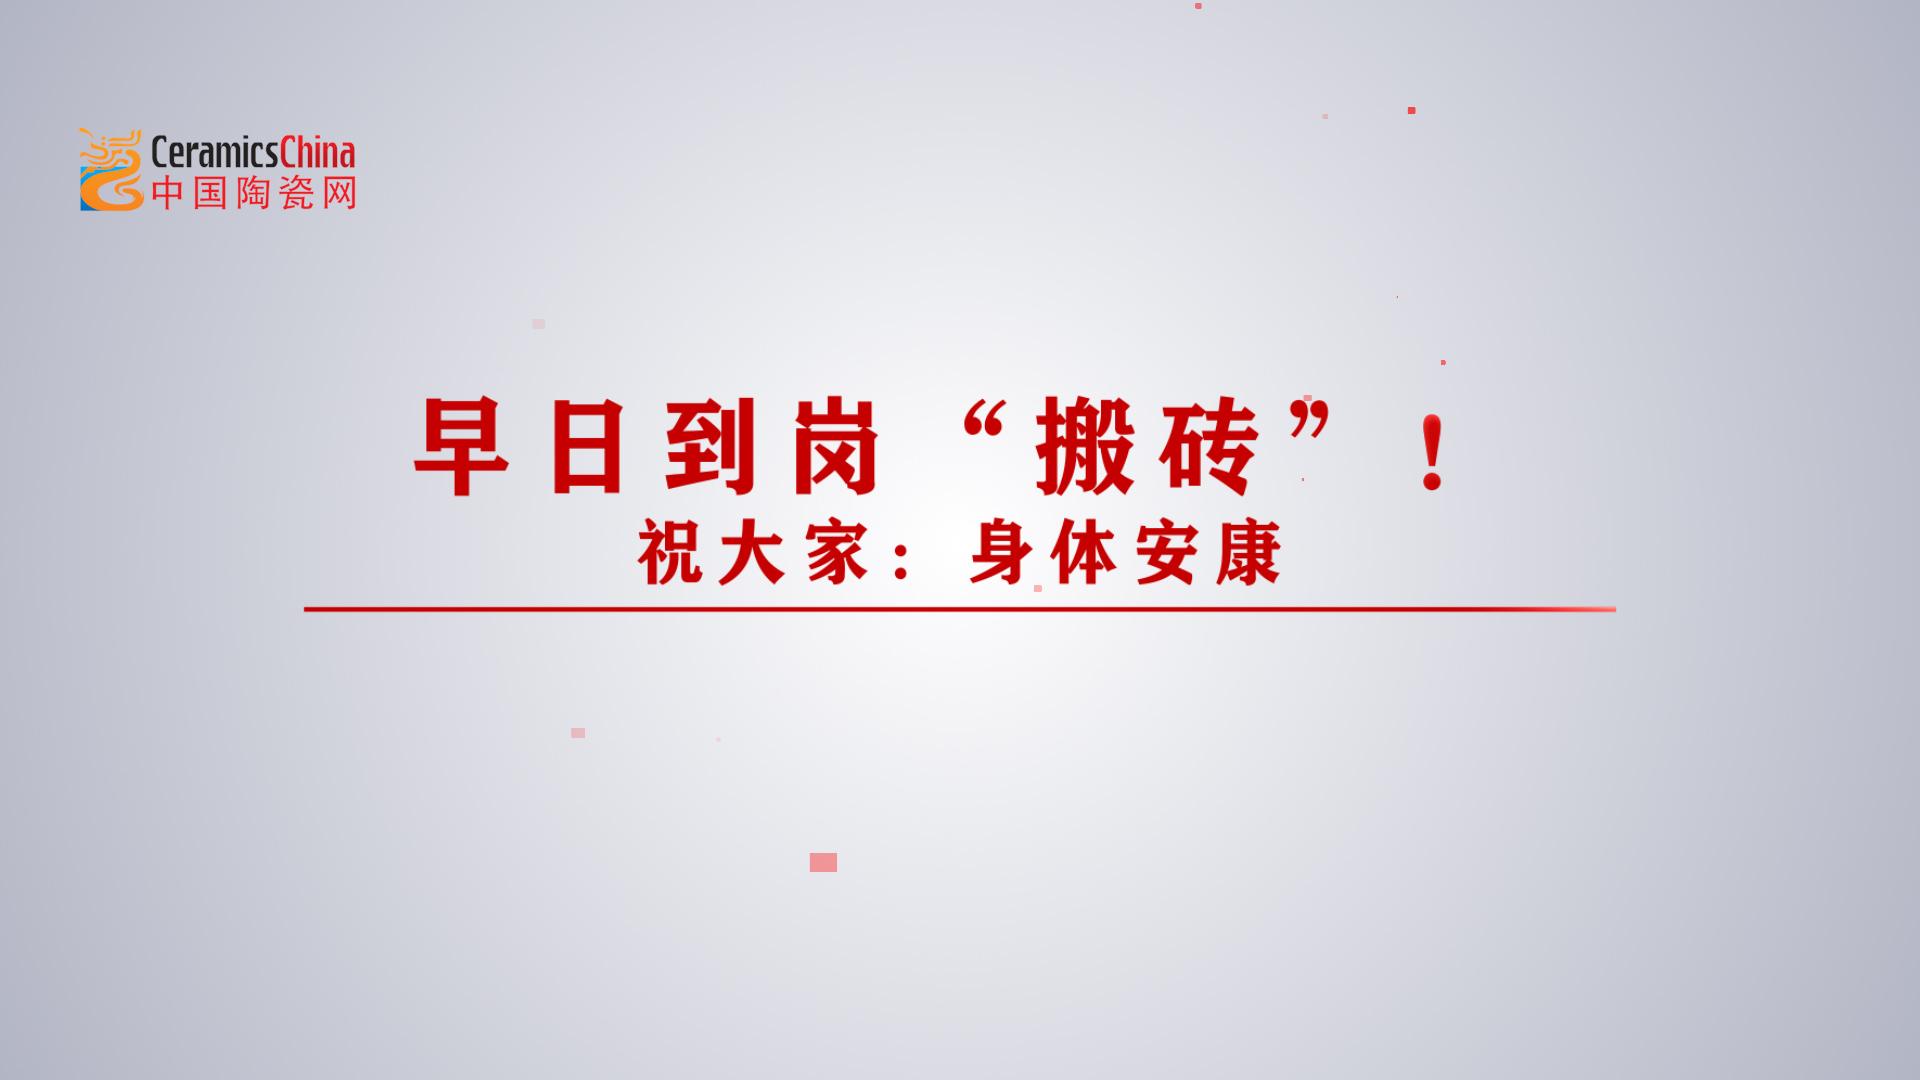 中国陶瓷网开工啦!陶瓷企业送祝福!